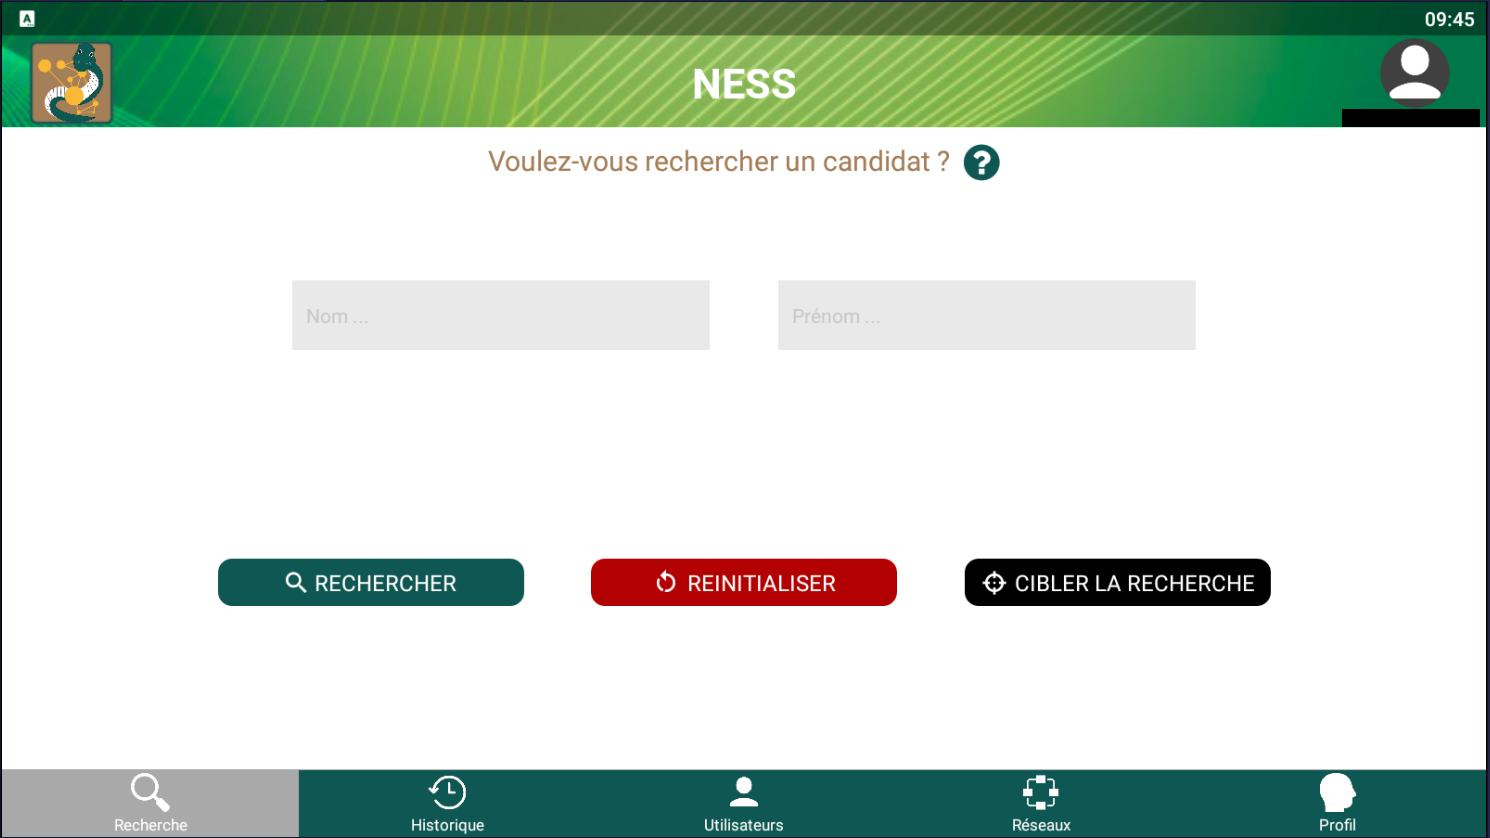 V'NESS : application qui a pour but de scanner le réseau des réseaux afin de pouvoir déterminer l'e-réputation d'une personne physique ou morale